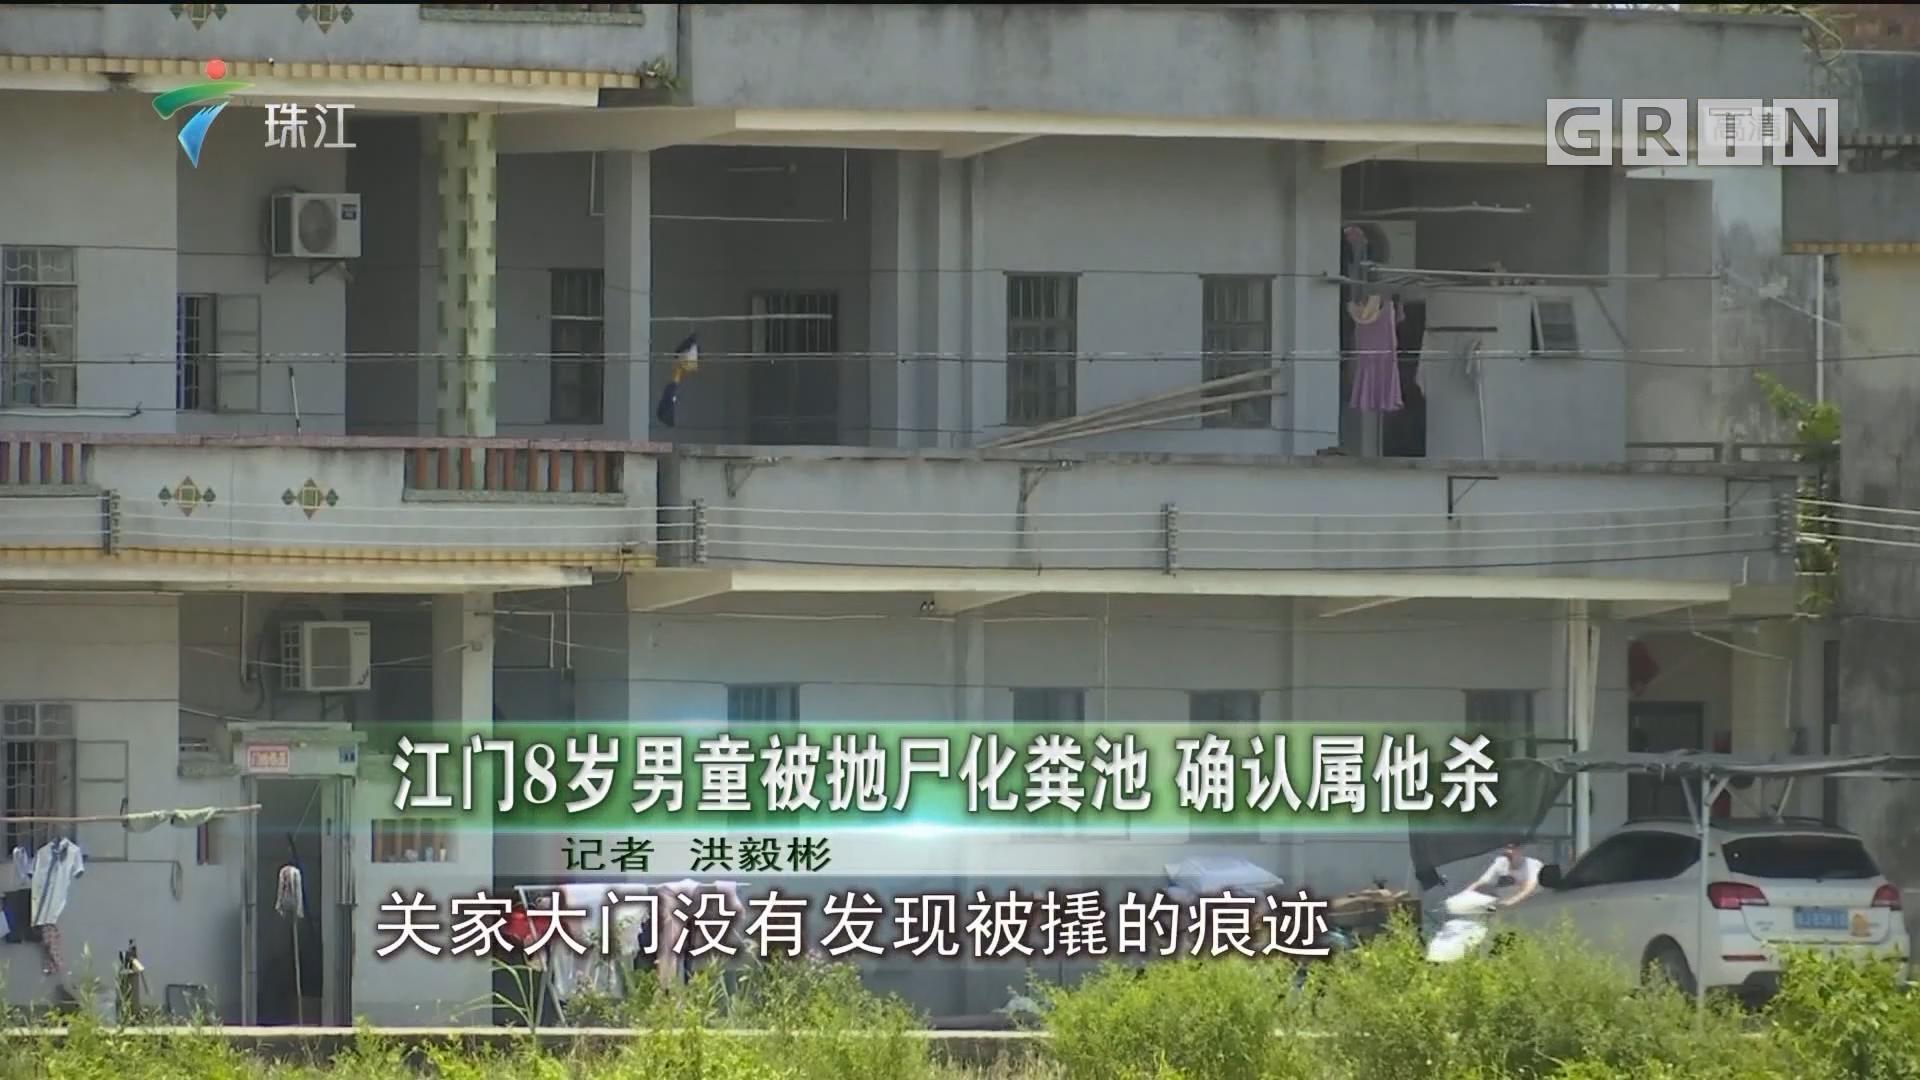 江门8岁男童被抛尸化粪池 确认属他杀